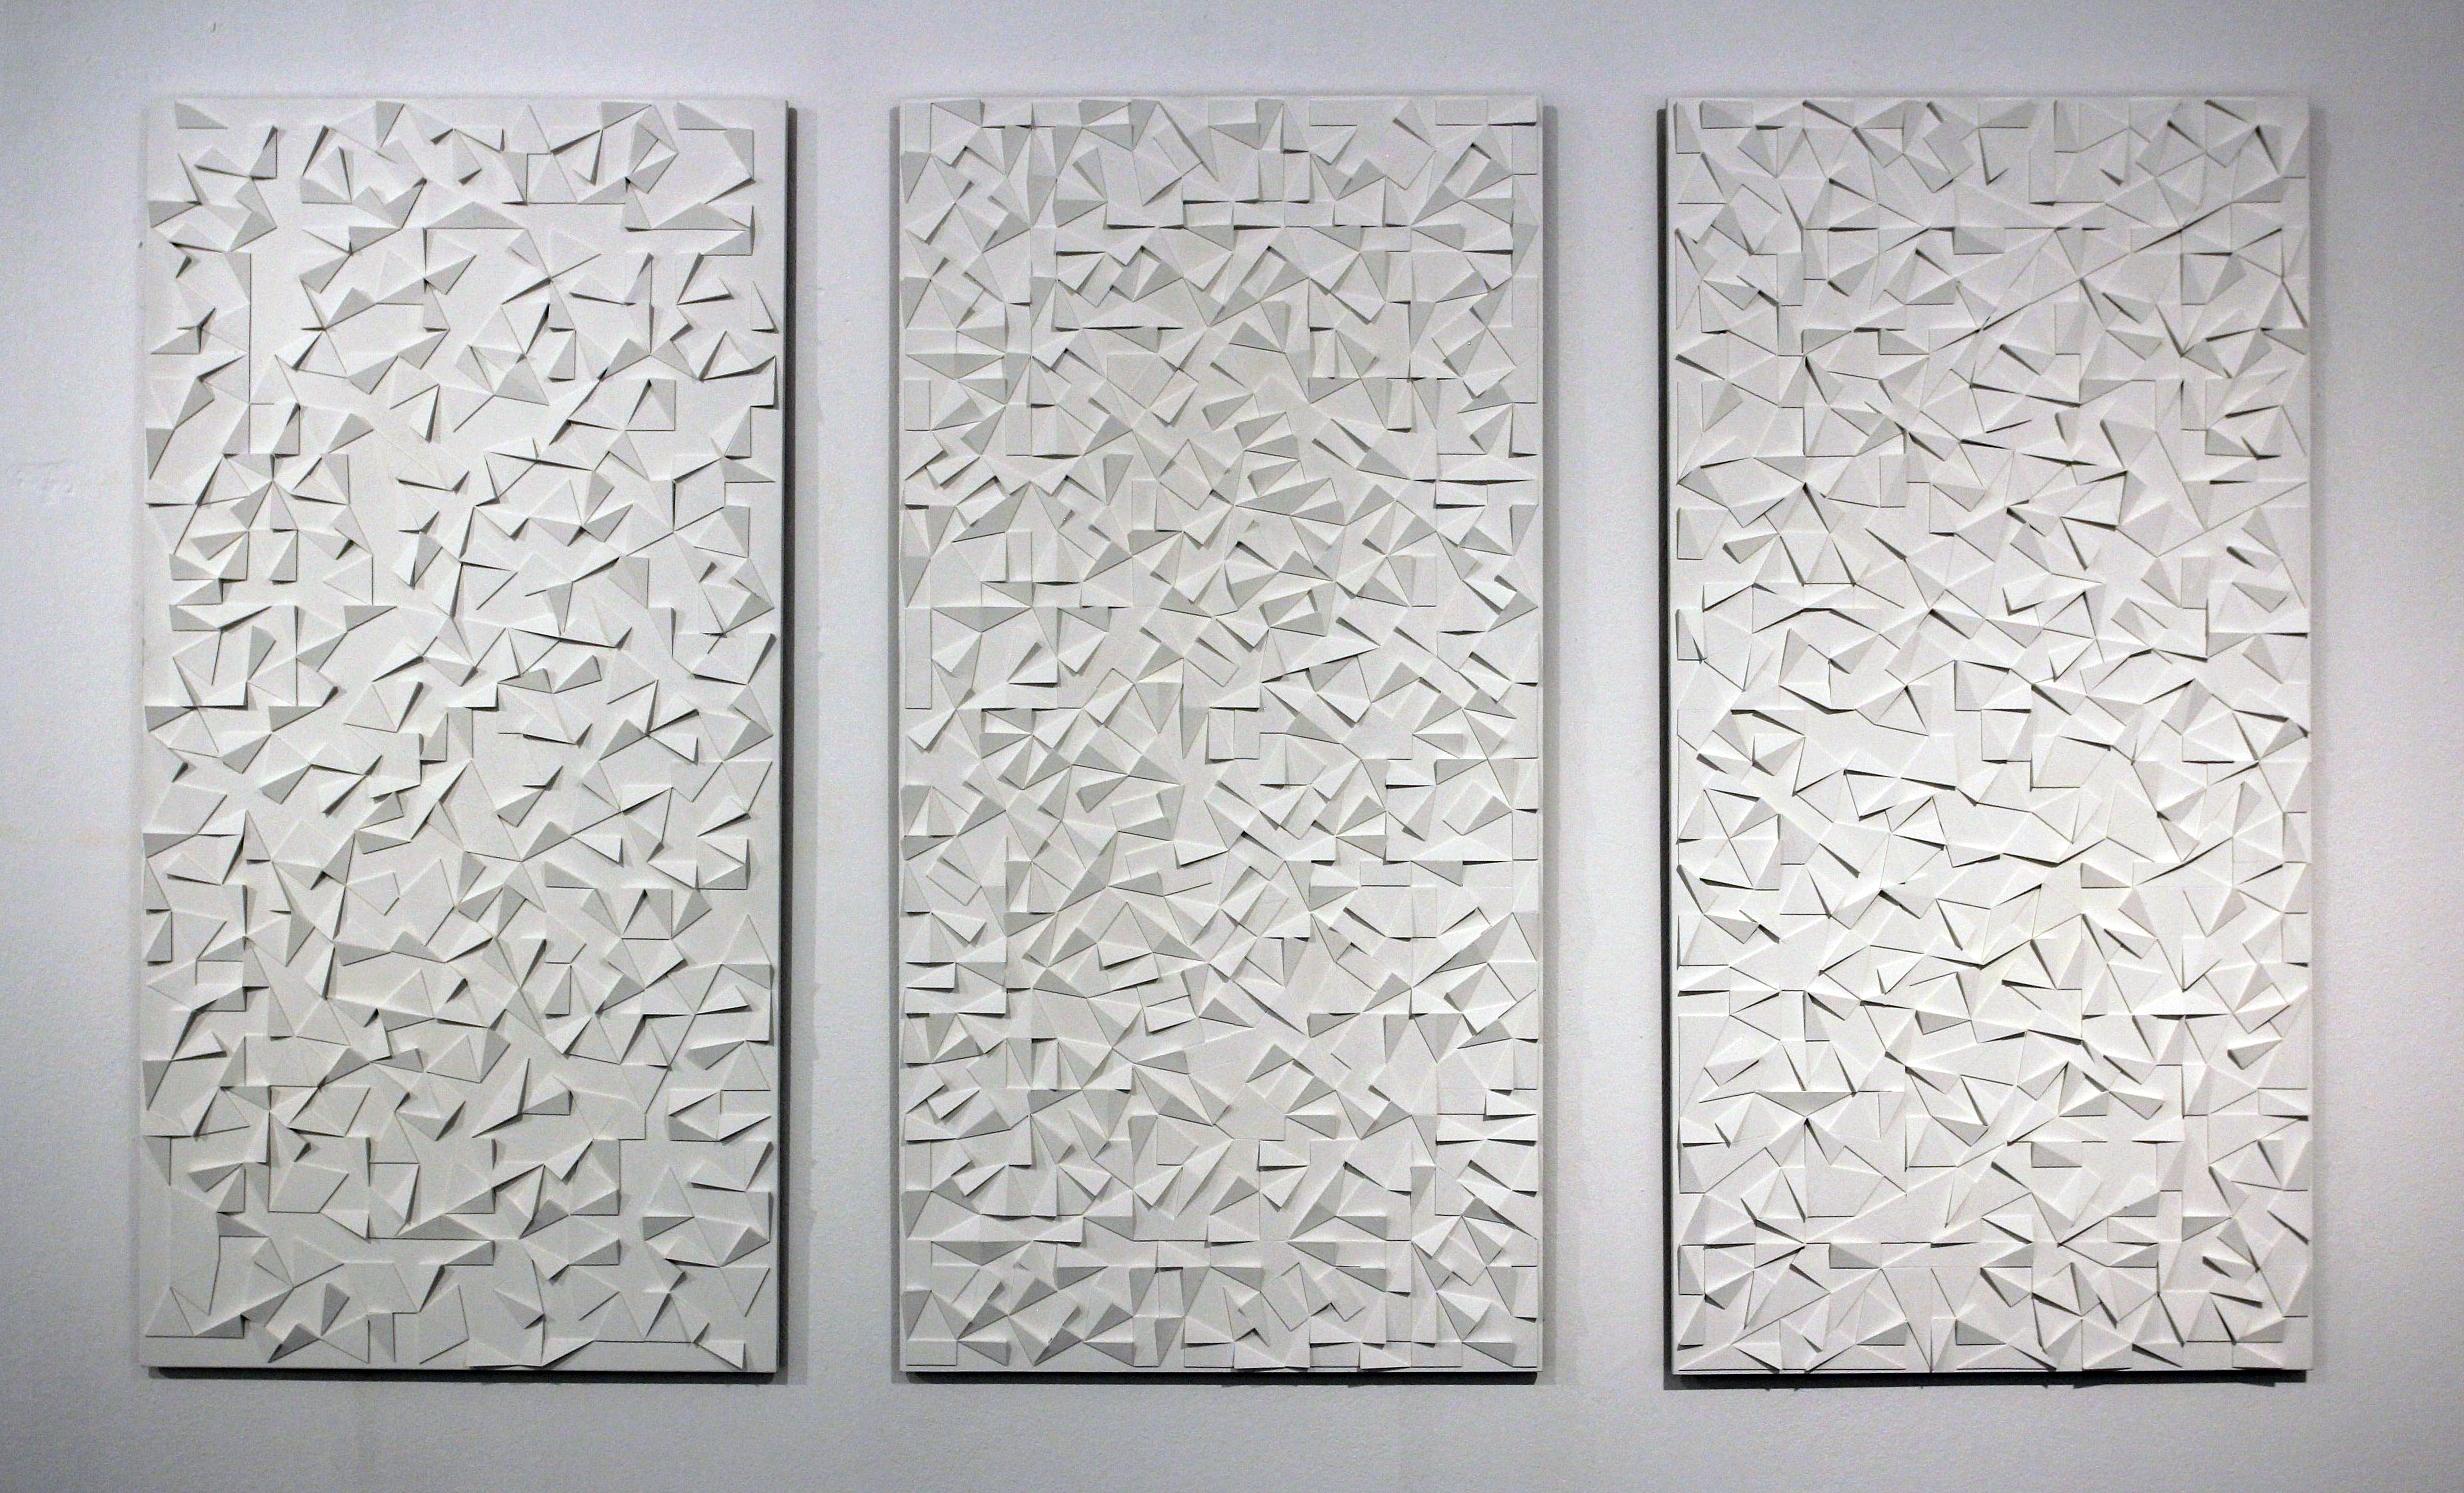 LAb(au)_Triptych